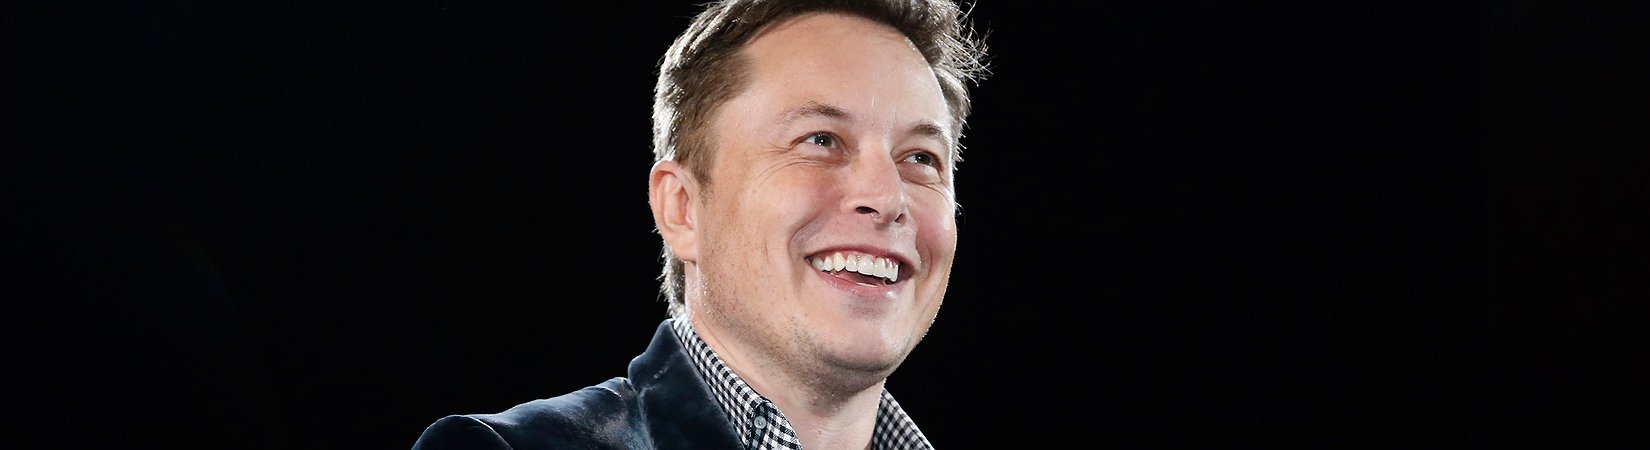 La historia de los fracasos de Elon Musk